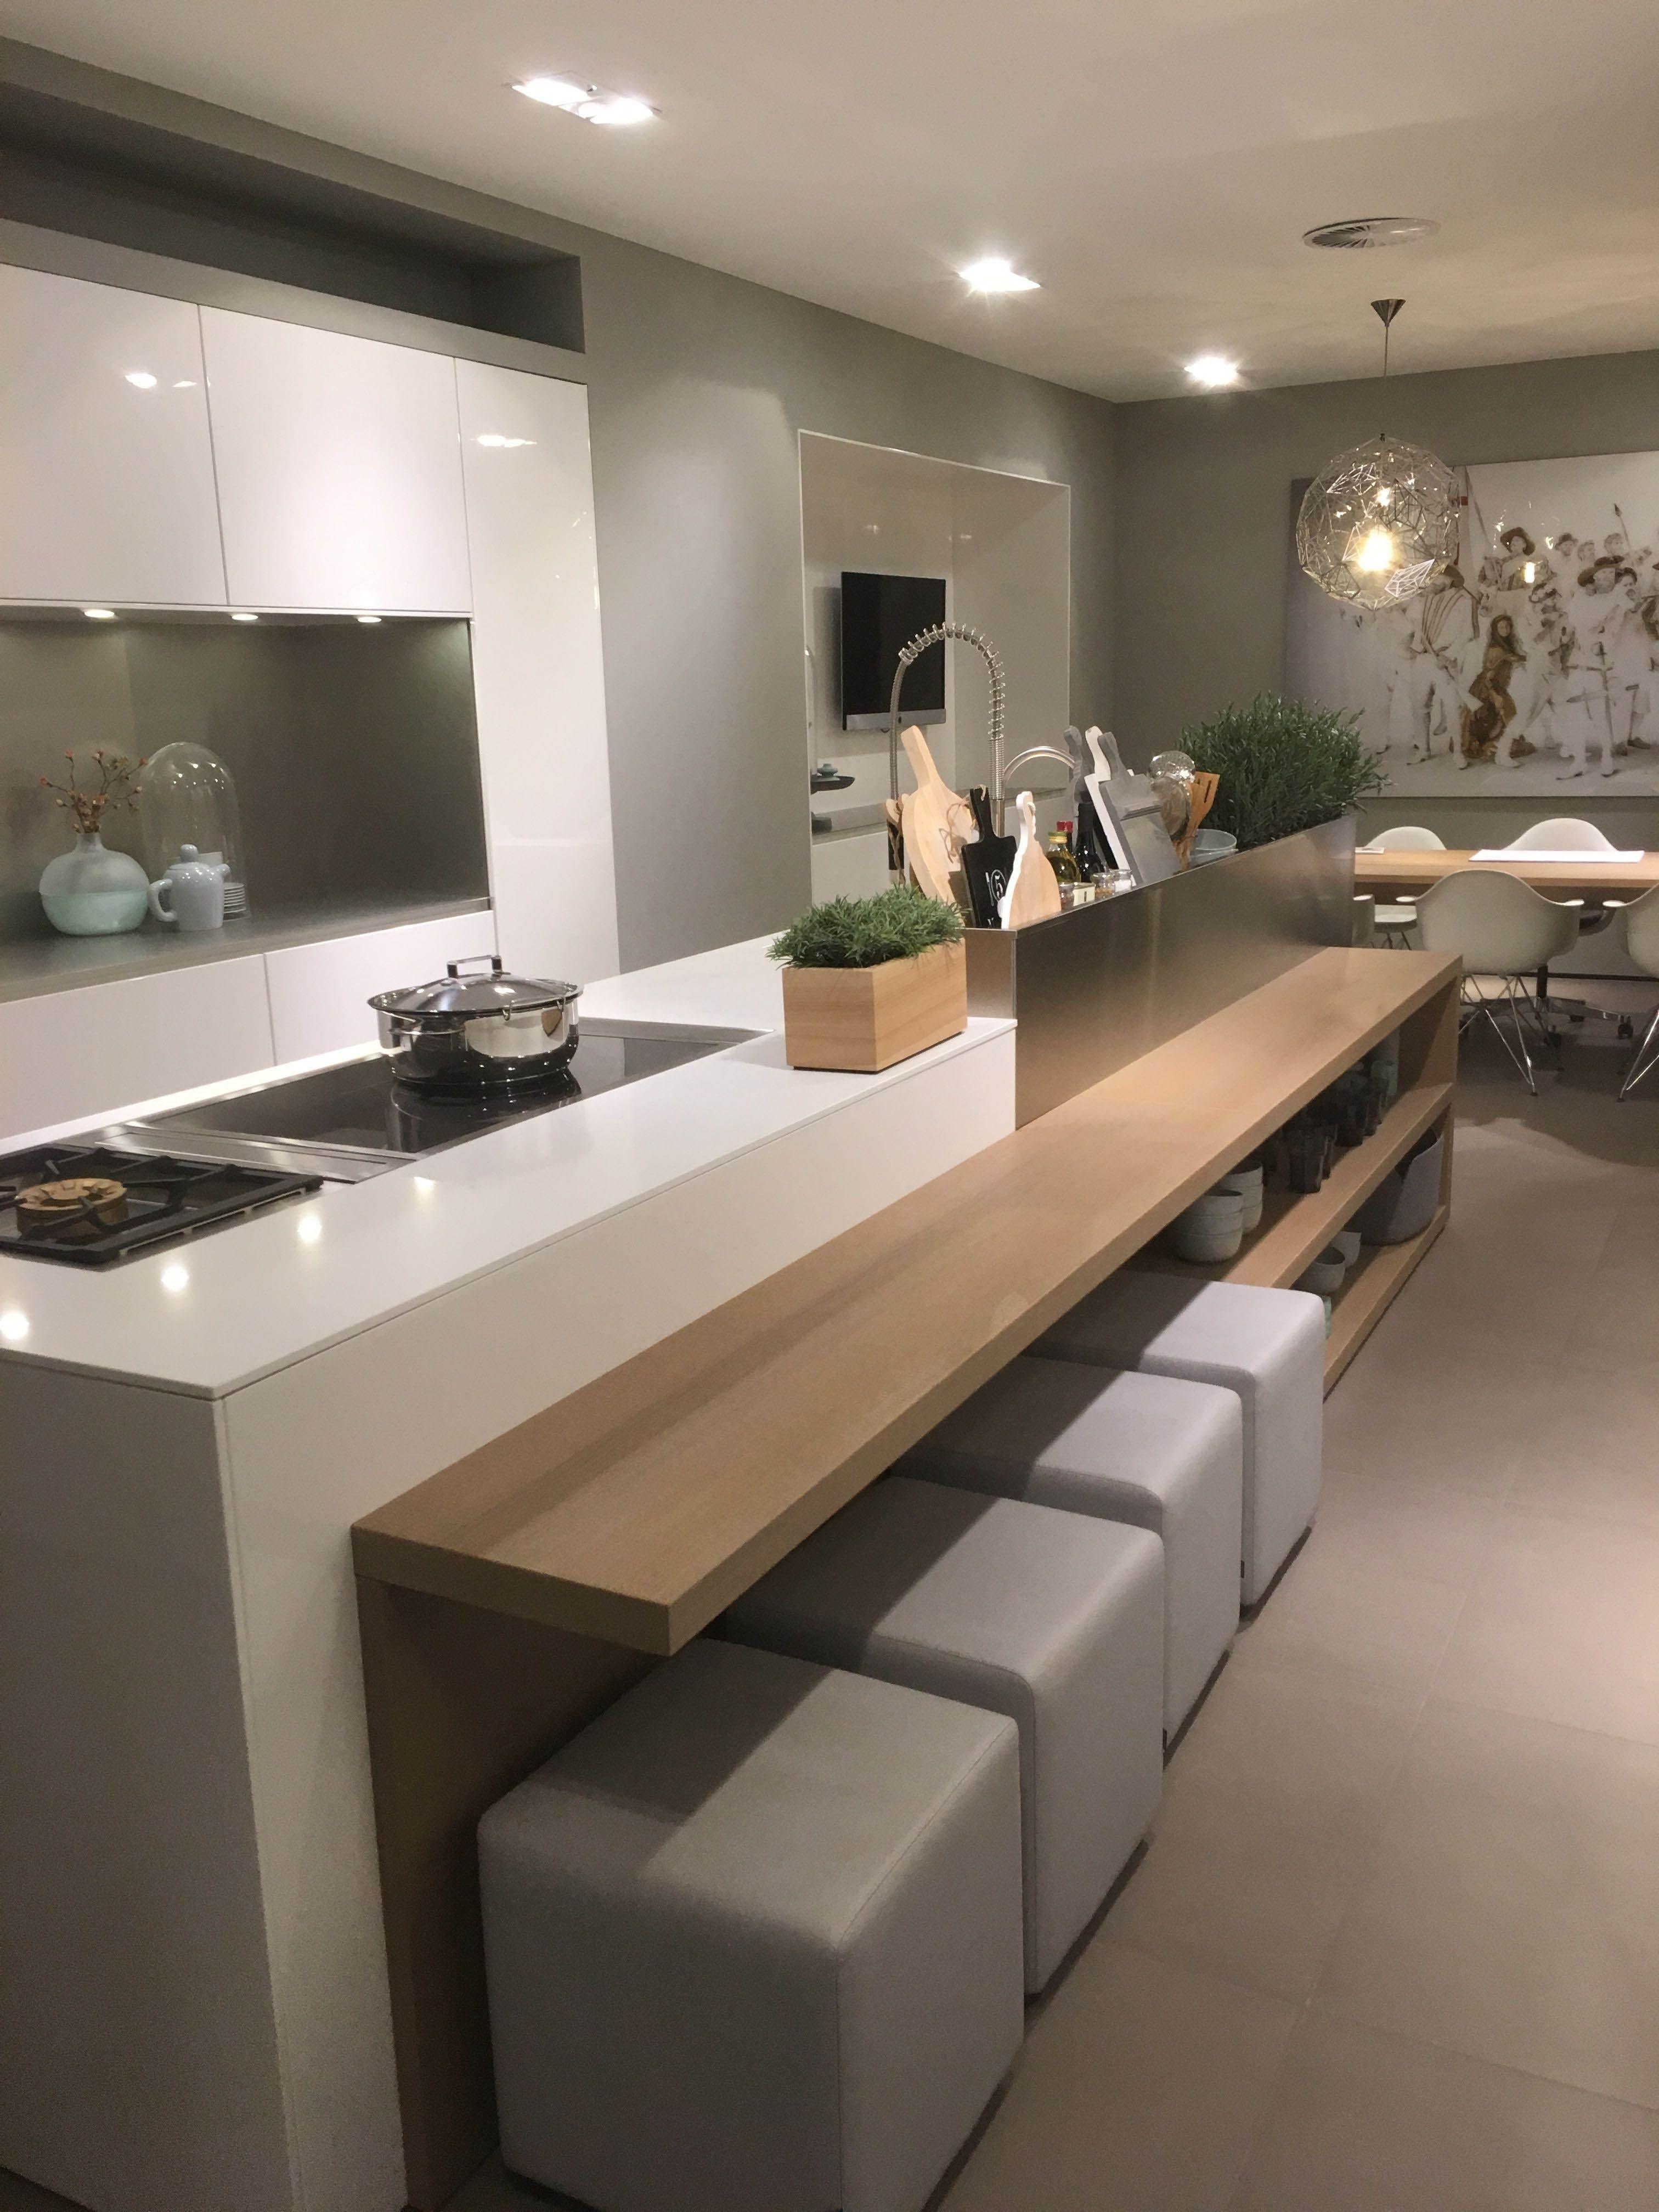 Modern Kitchen Area Style Ideas Contemporary Kitchen Interior Modern Kitchen Design Home Decor Kitchen